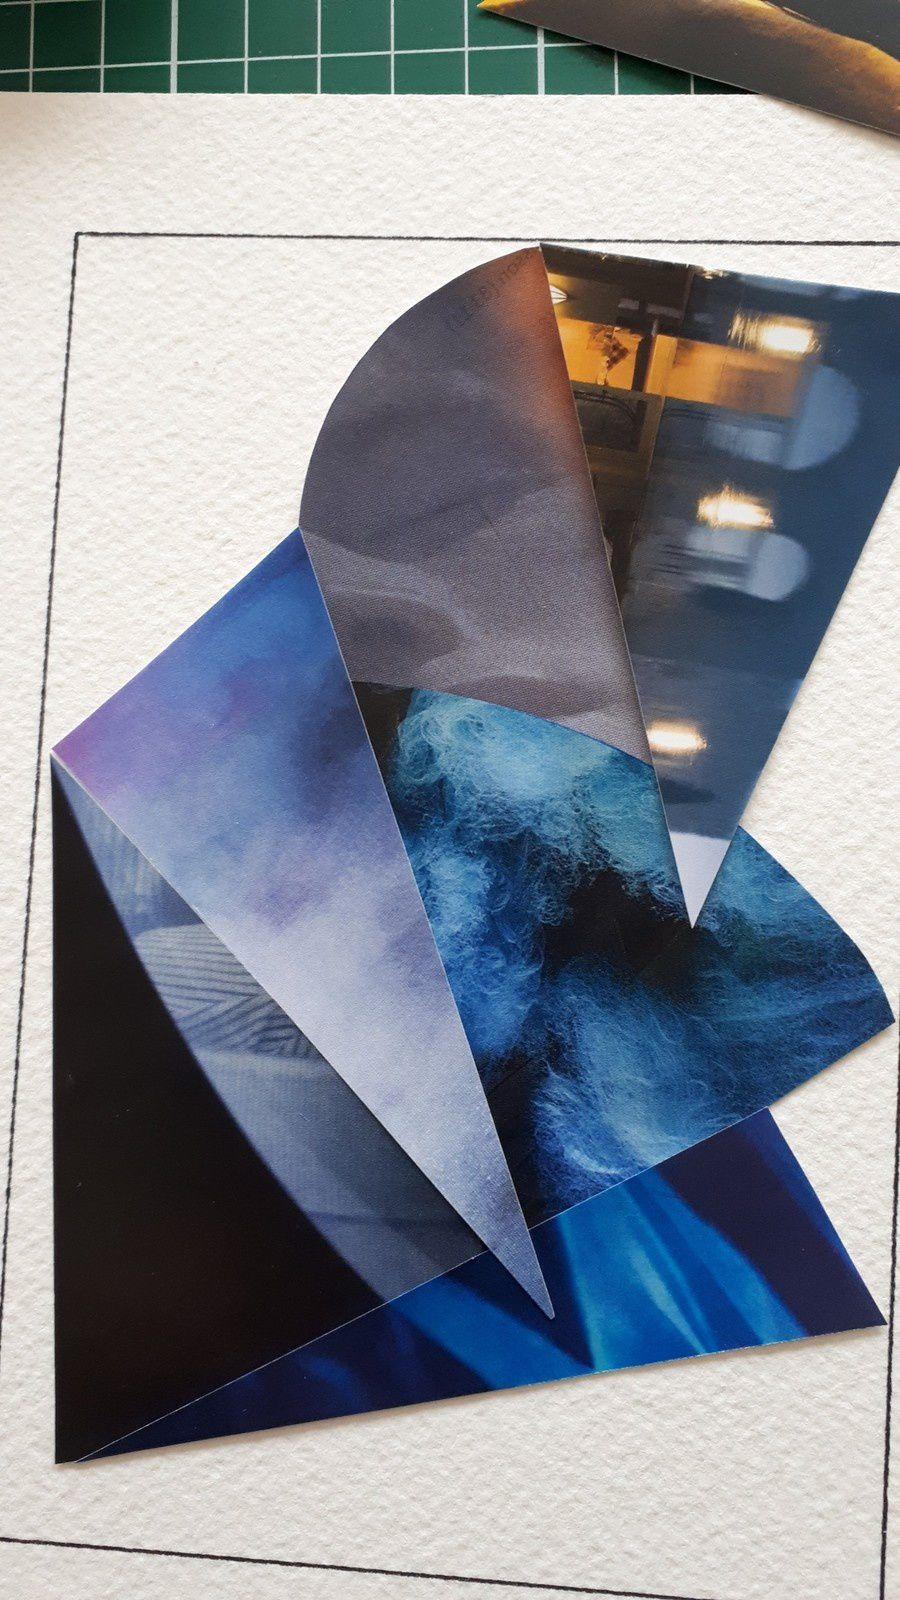 """Les Collages d'eMmA MessanA, évolution du collage N°395 """"Paradoxal"""" jusqu'au collage définitif, pièce unique © eMmA MessanA"""